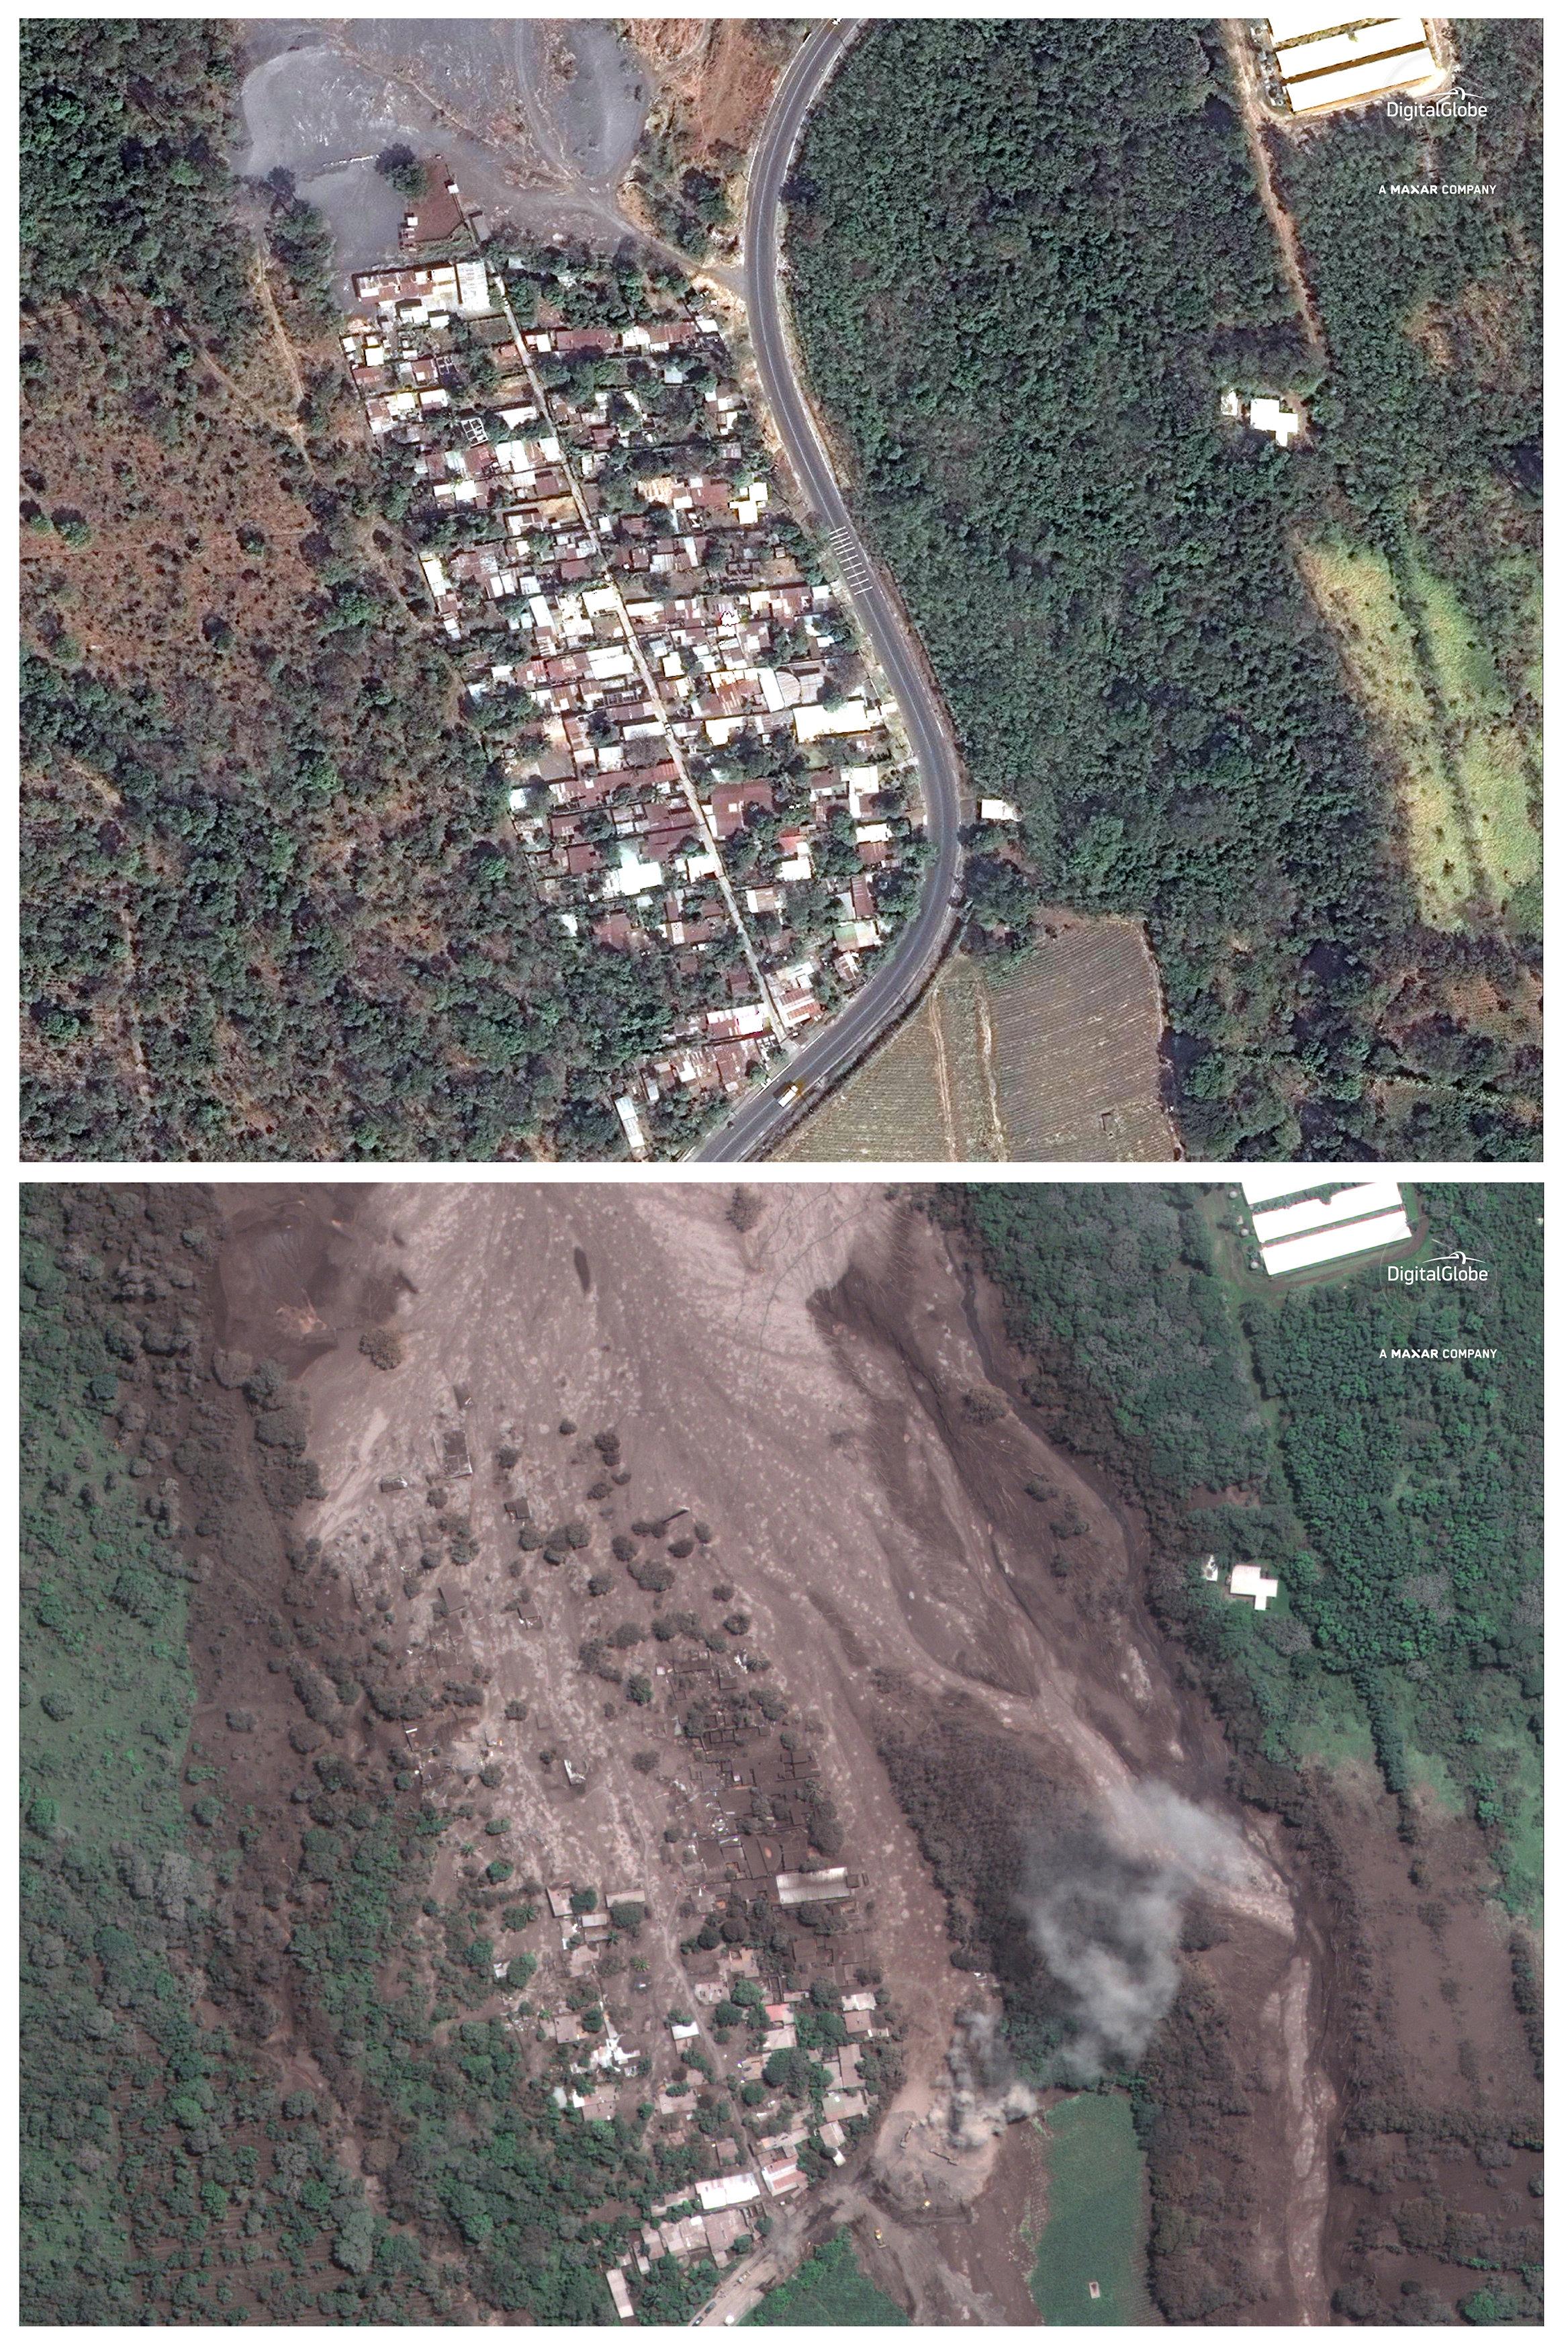 Imagen satelital de la devastación causada por la erupción del Volcán de Fuego en la zona de Los Lotes, en Guatemala